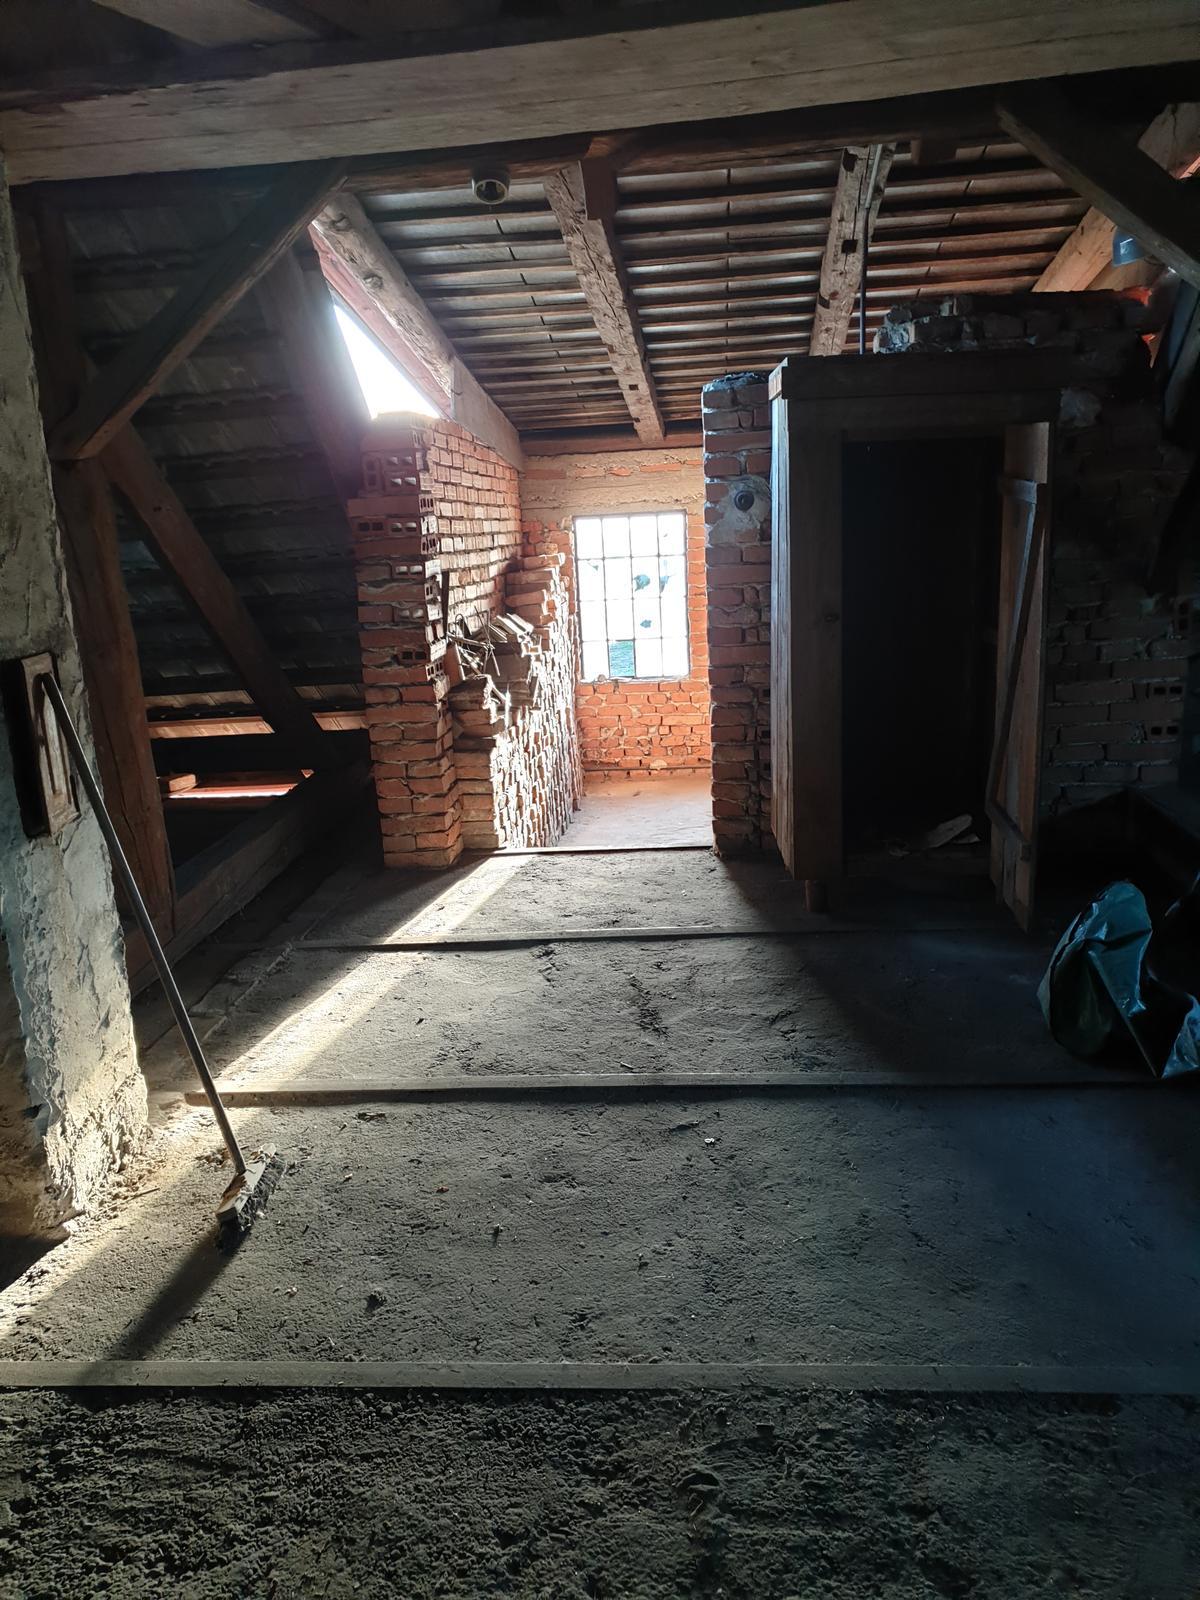 Rekonštrukcia domu-alebo chceme si splniť sen =》🏠🌻🌼🐶  mat domcek a vratit sa na Slovensko - pohlad na chodbu na poschodi s okienkom na dvor